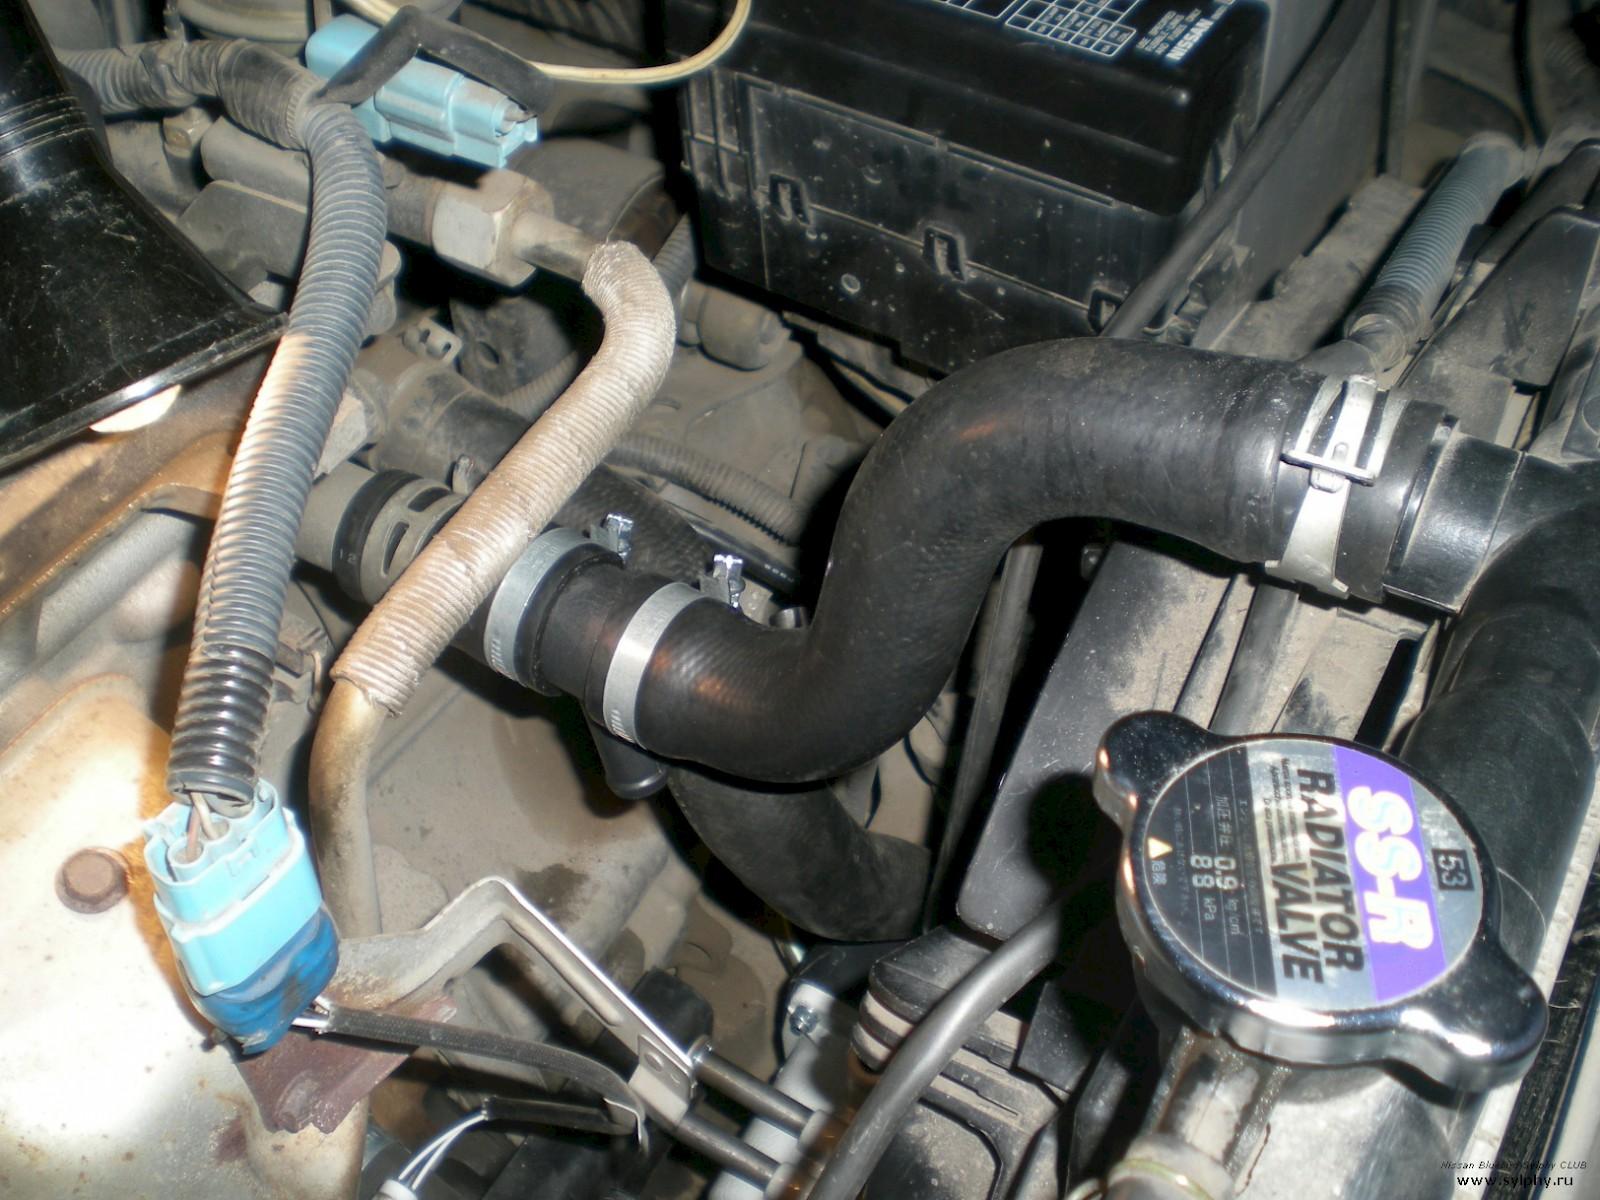 Предпусковой подогреватель двигателя своими руками на газу